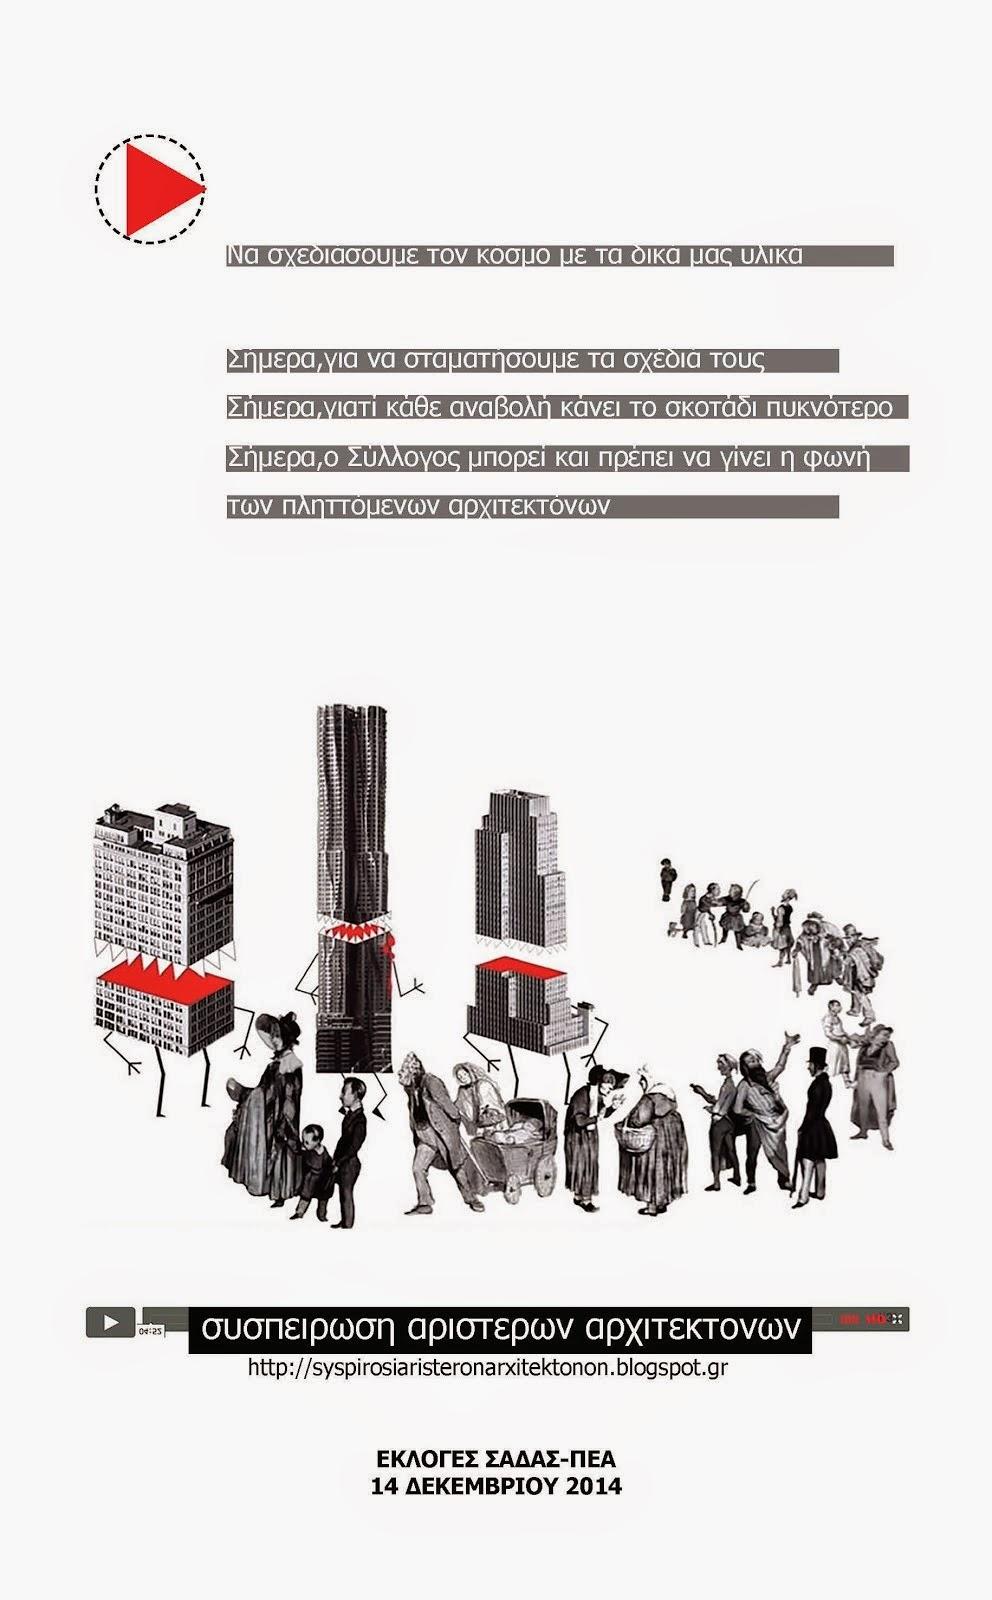 ΠΡΟΕΚΛΟΓΙΚΗ ΔΙΑΚΗΡΥΞΗ της - συσπείρωσης αριστερών αρχιτεκτόνων - Eκλογές ΣΑΔΑΣ ΠΕΑ